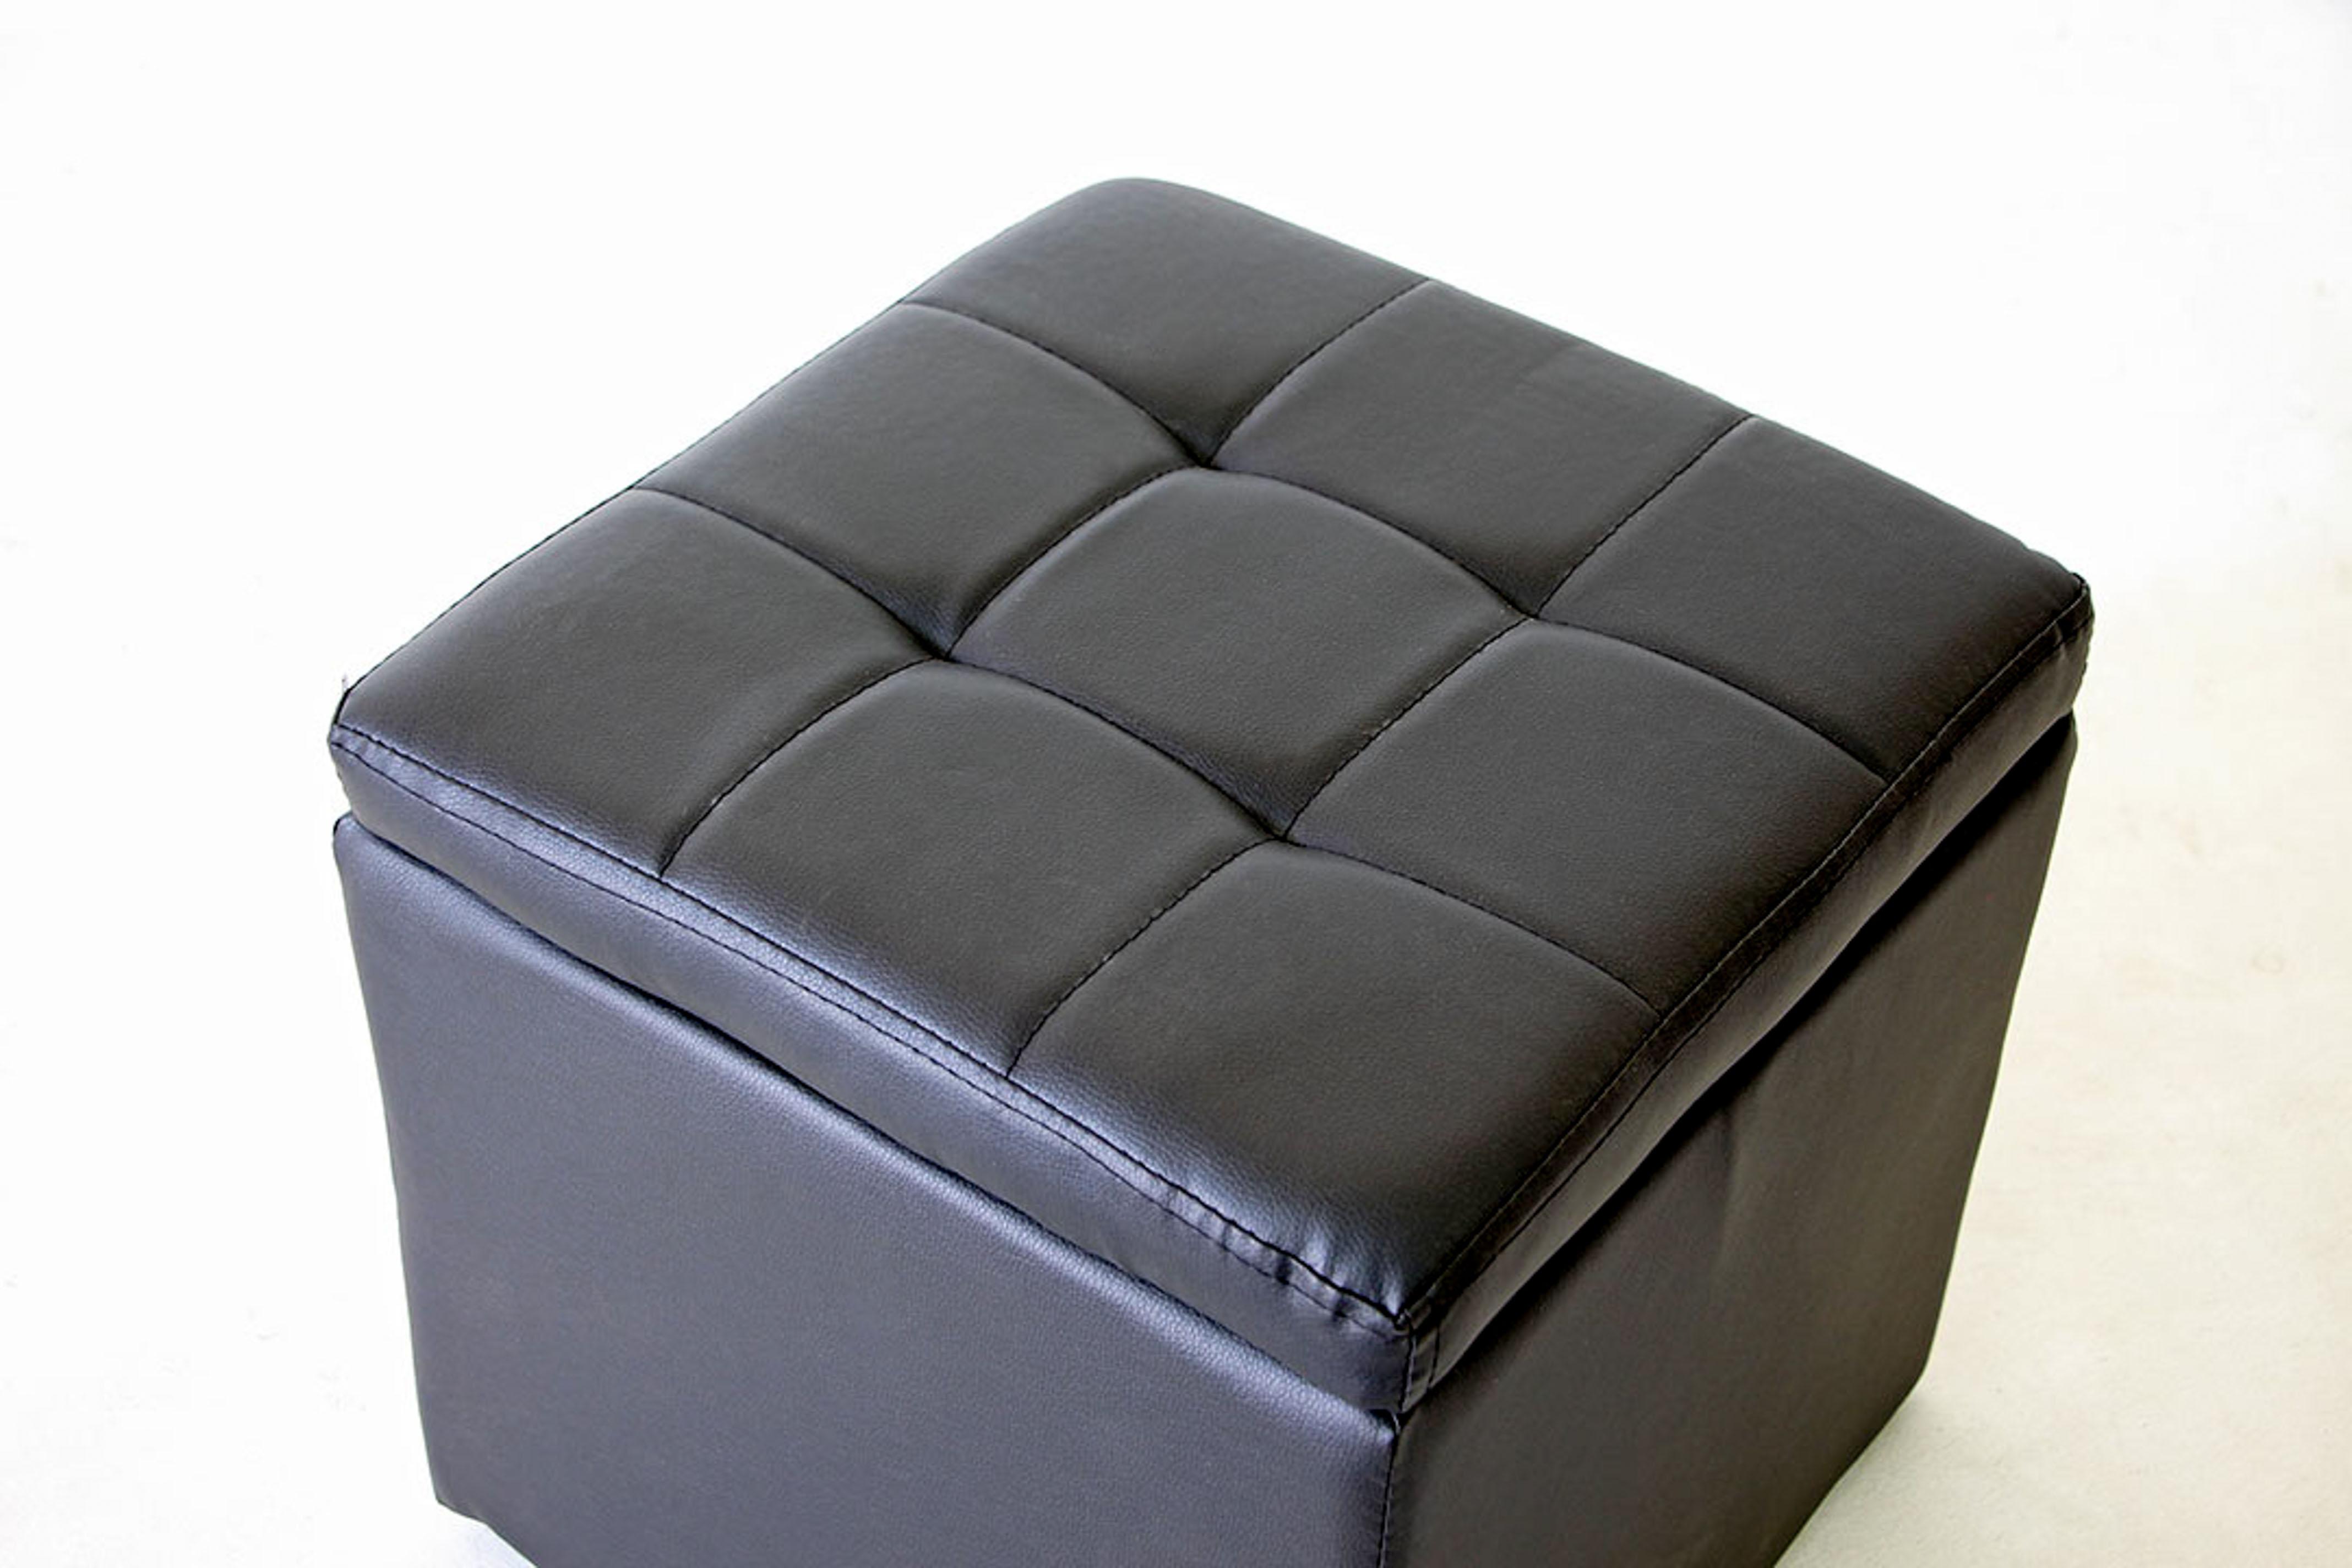 Small stools เก้าอี้สตูลเก็บขอ